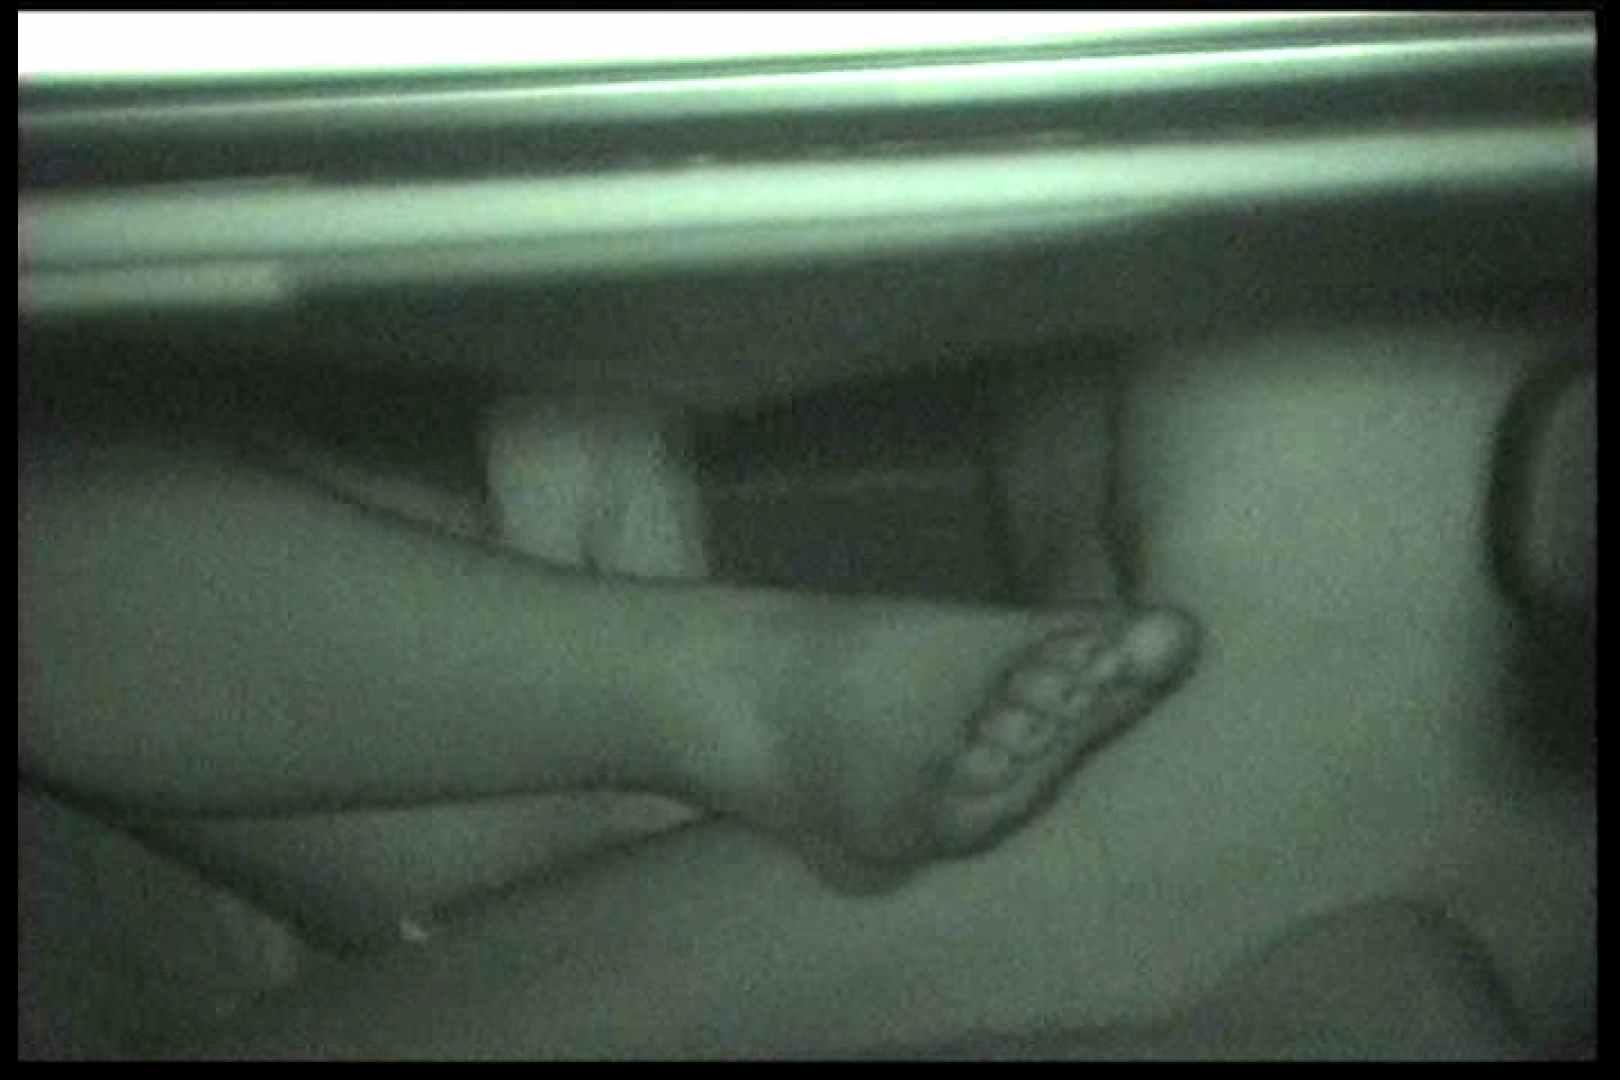 車の中はラブホテル 無修正版  Vol.14 喘ぎオンナ 覗き性交動画流出 87pic 64